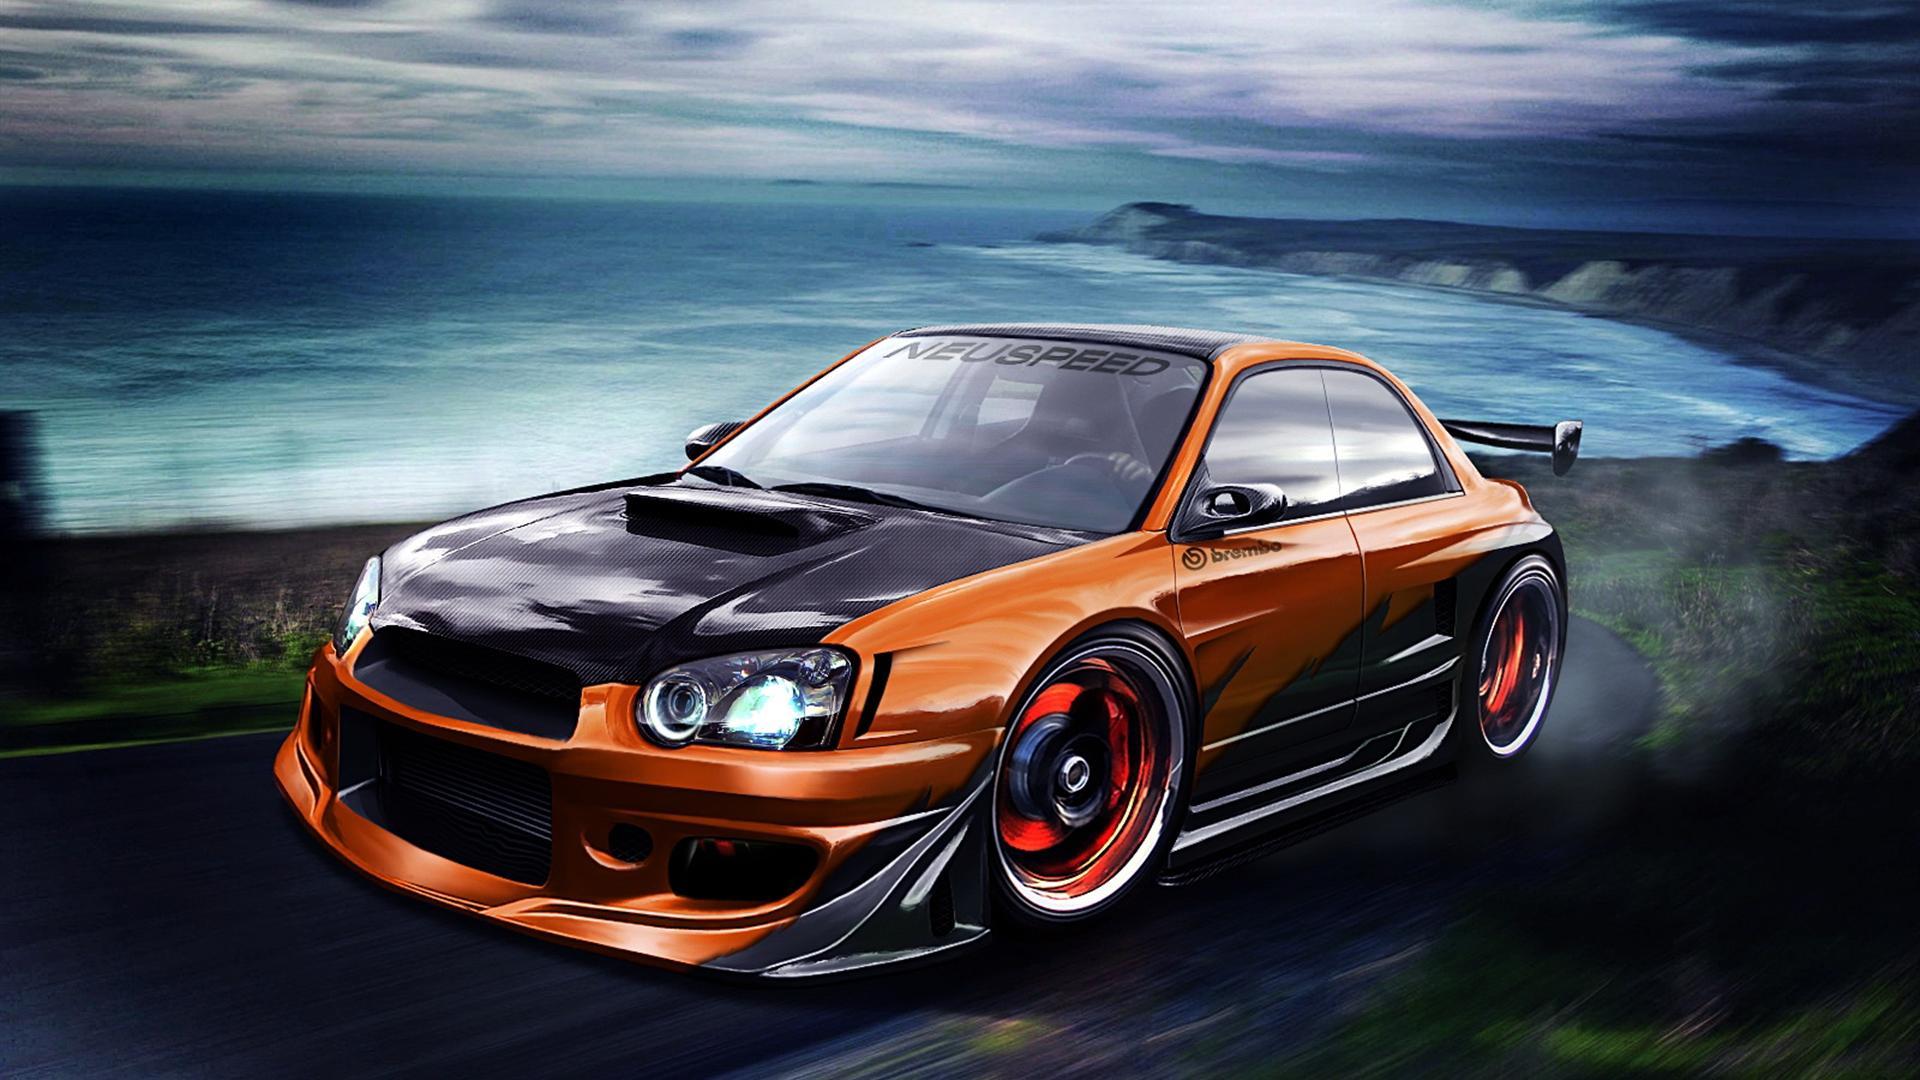 Car Wallpaper Background - WallpaperSafari